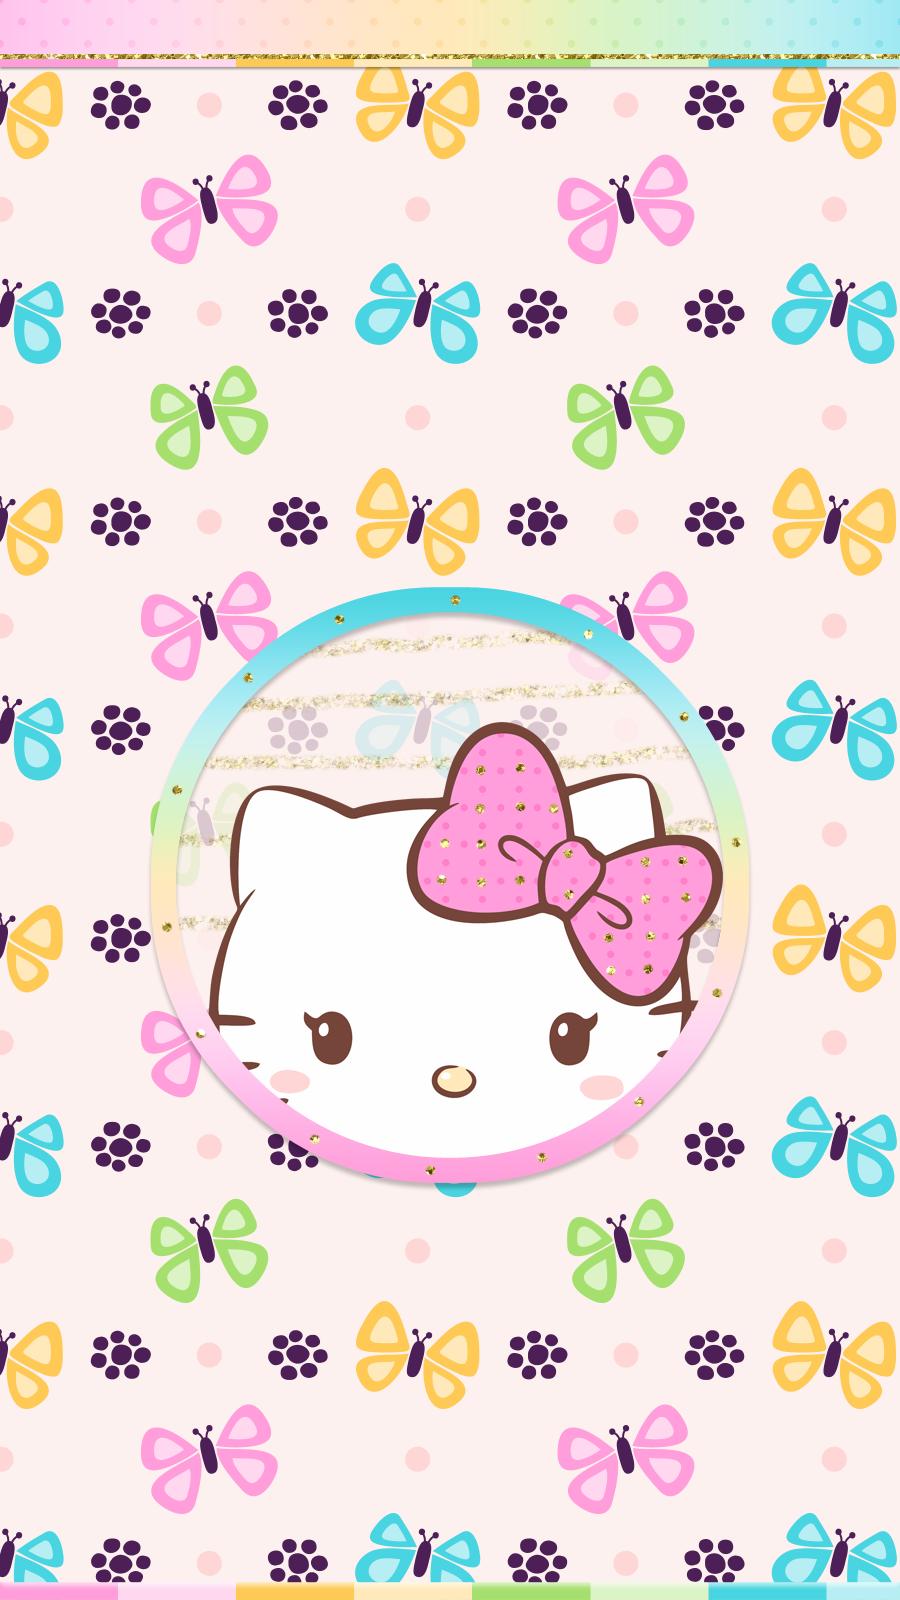 Good Wallpaper Hello Kitty Cute - b1366ea35ad518d4ca8edb660ea7fb2d  Trends_659766.png